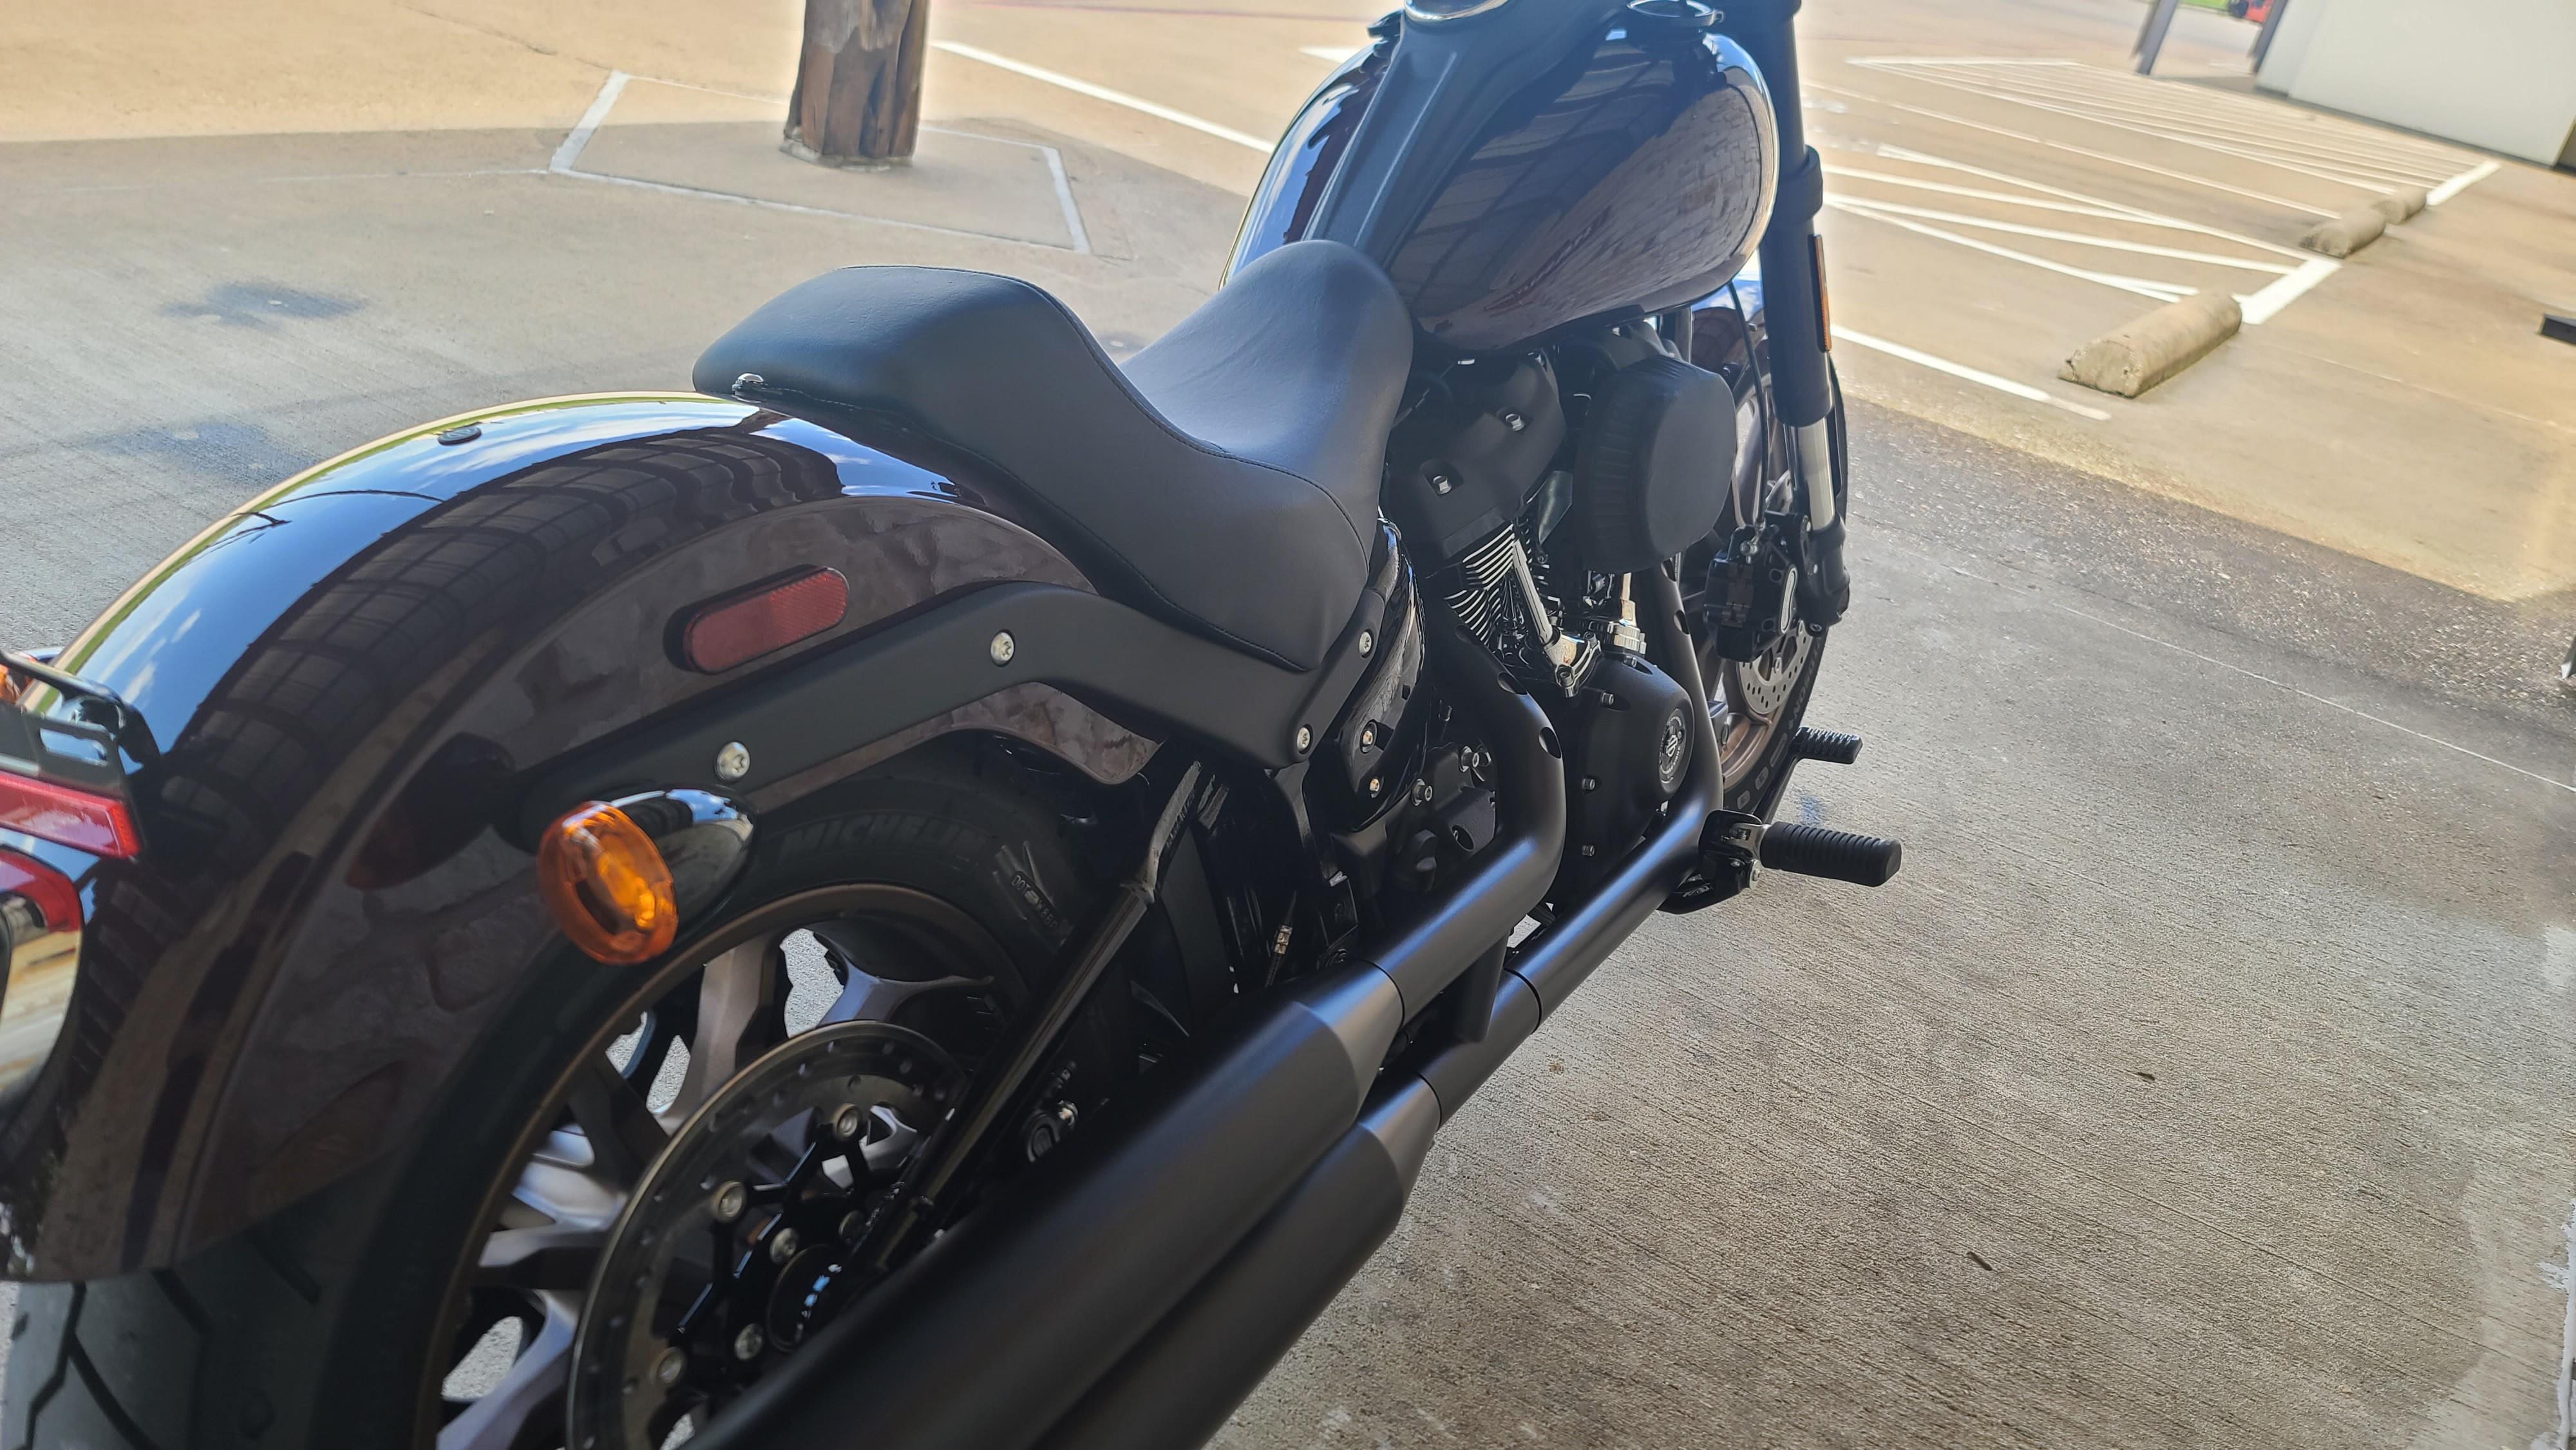 2021 Harley-Davidson Cruiser FXLRS Low Rider S at Harley-Davidson of Waco